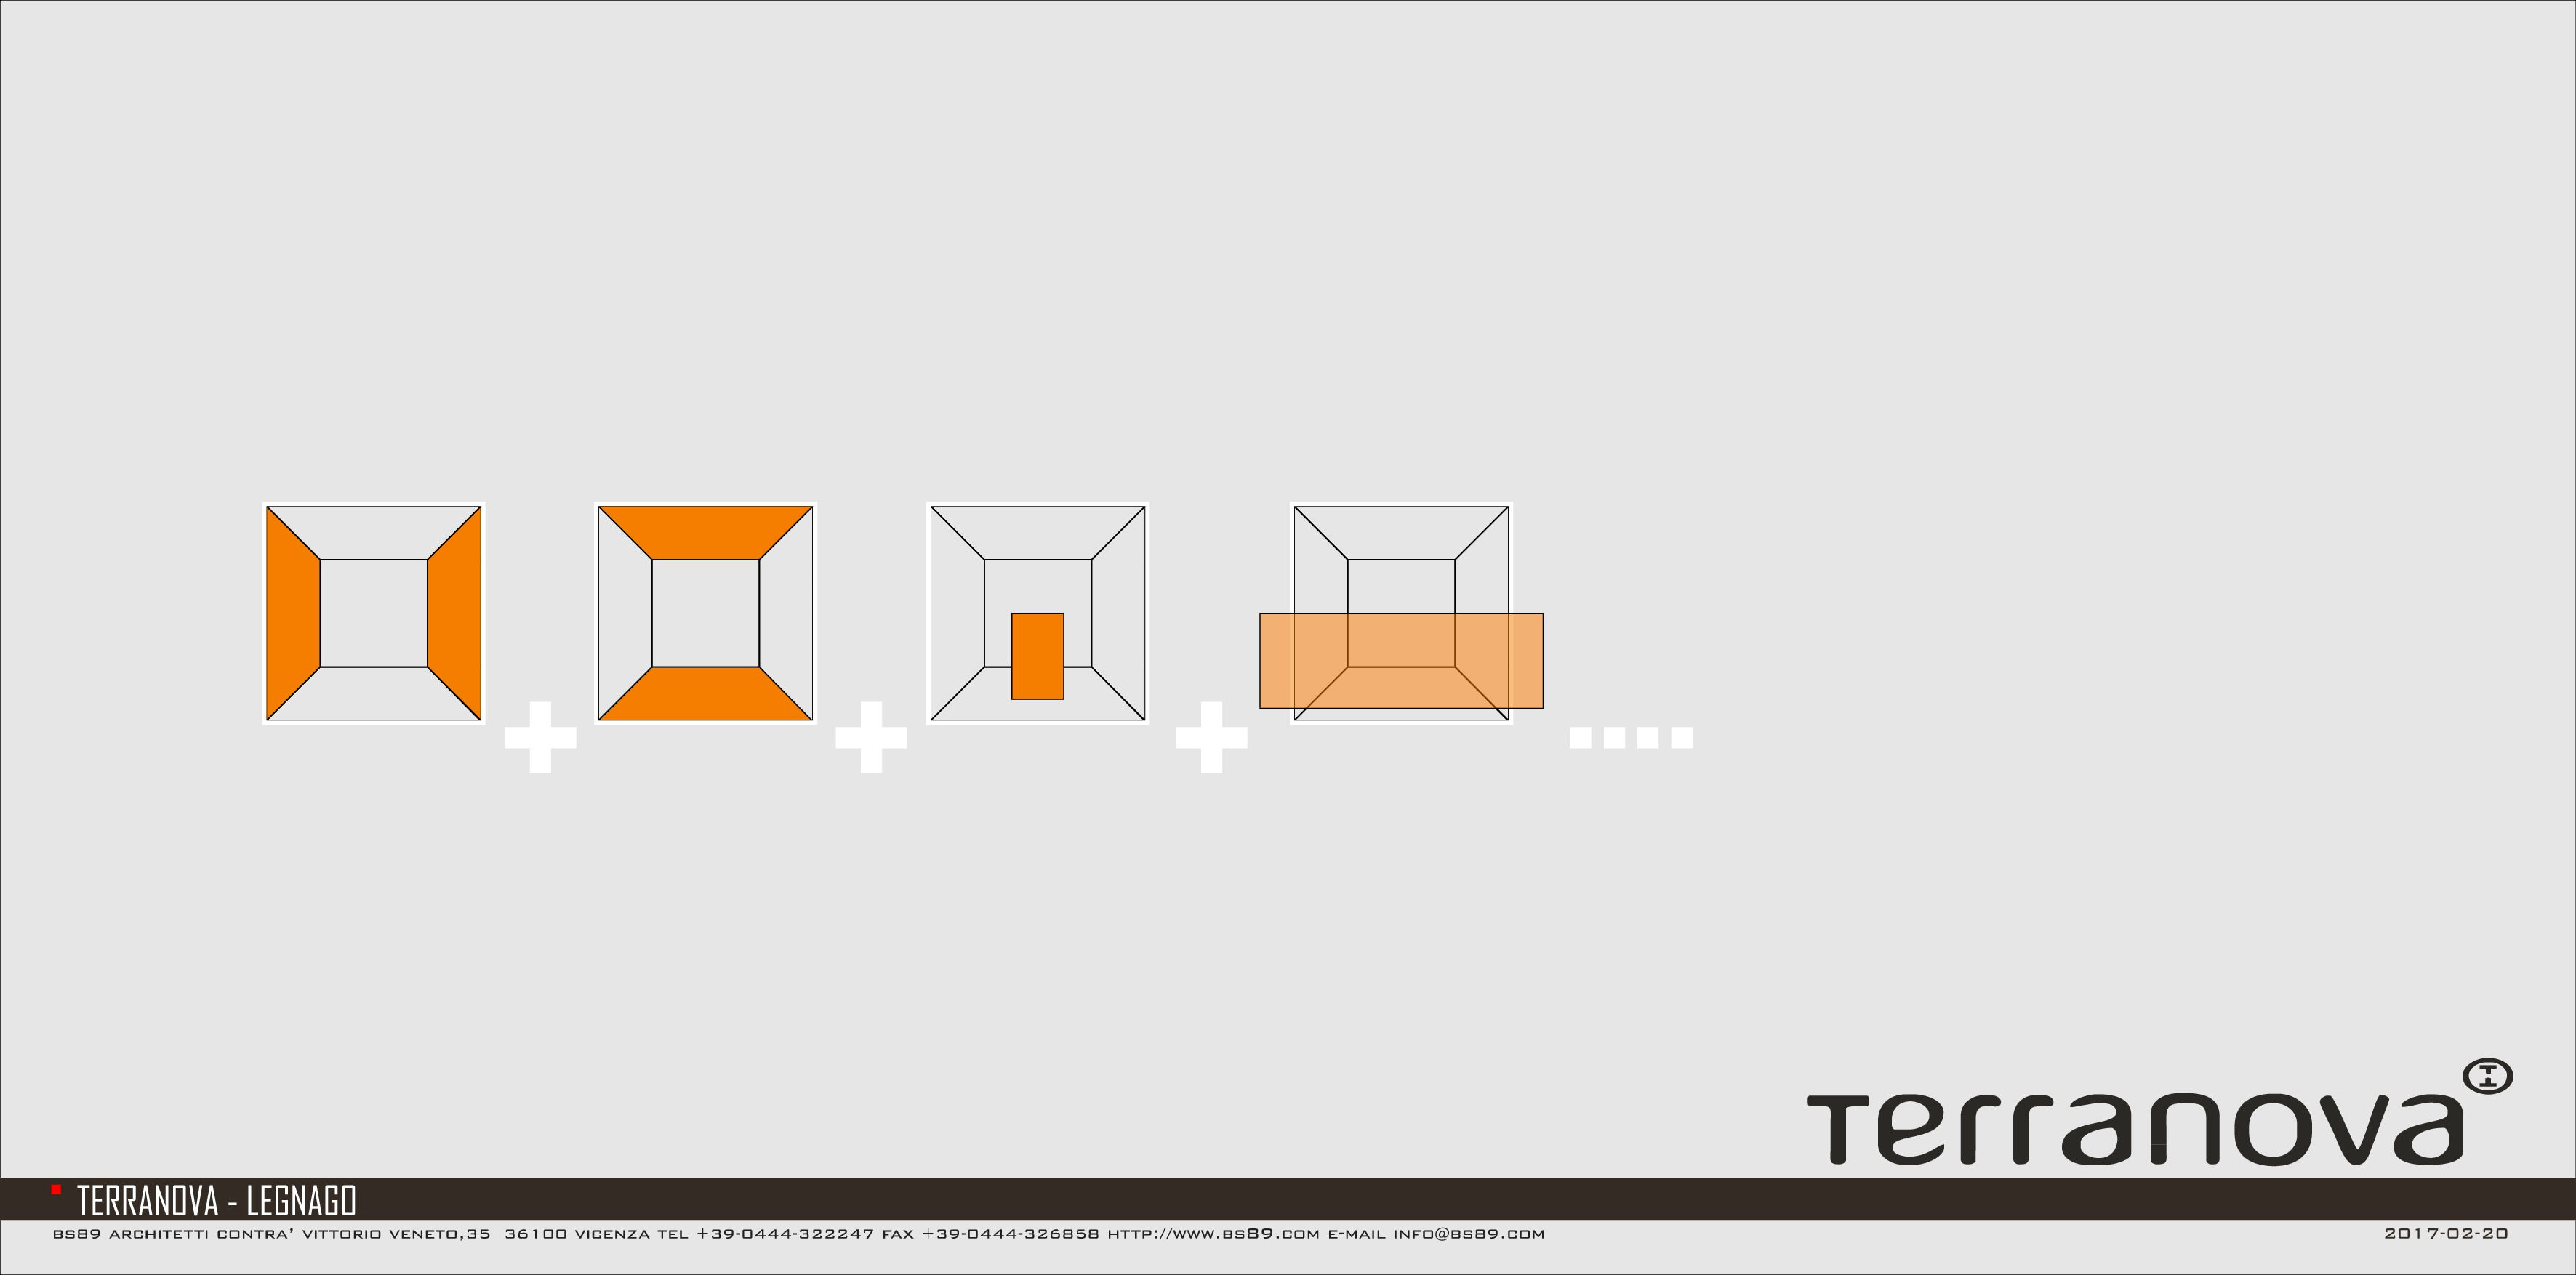 TERRANOVA OUTLET – Concept